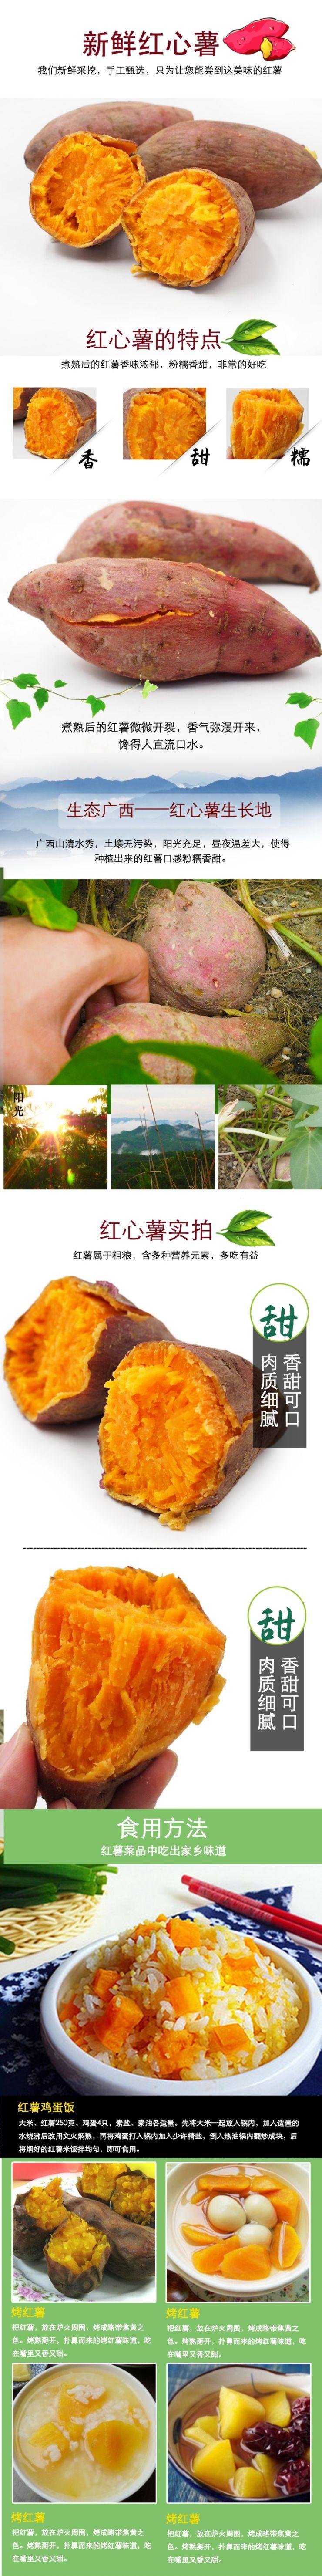 简约清新粉糯香甜红心薯电商详情图